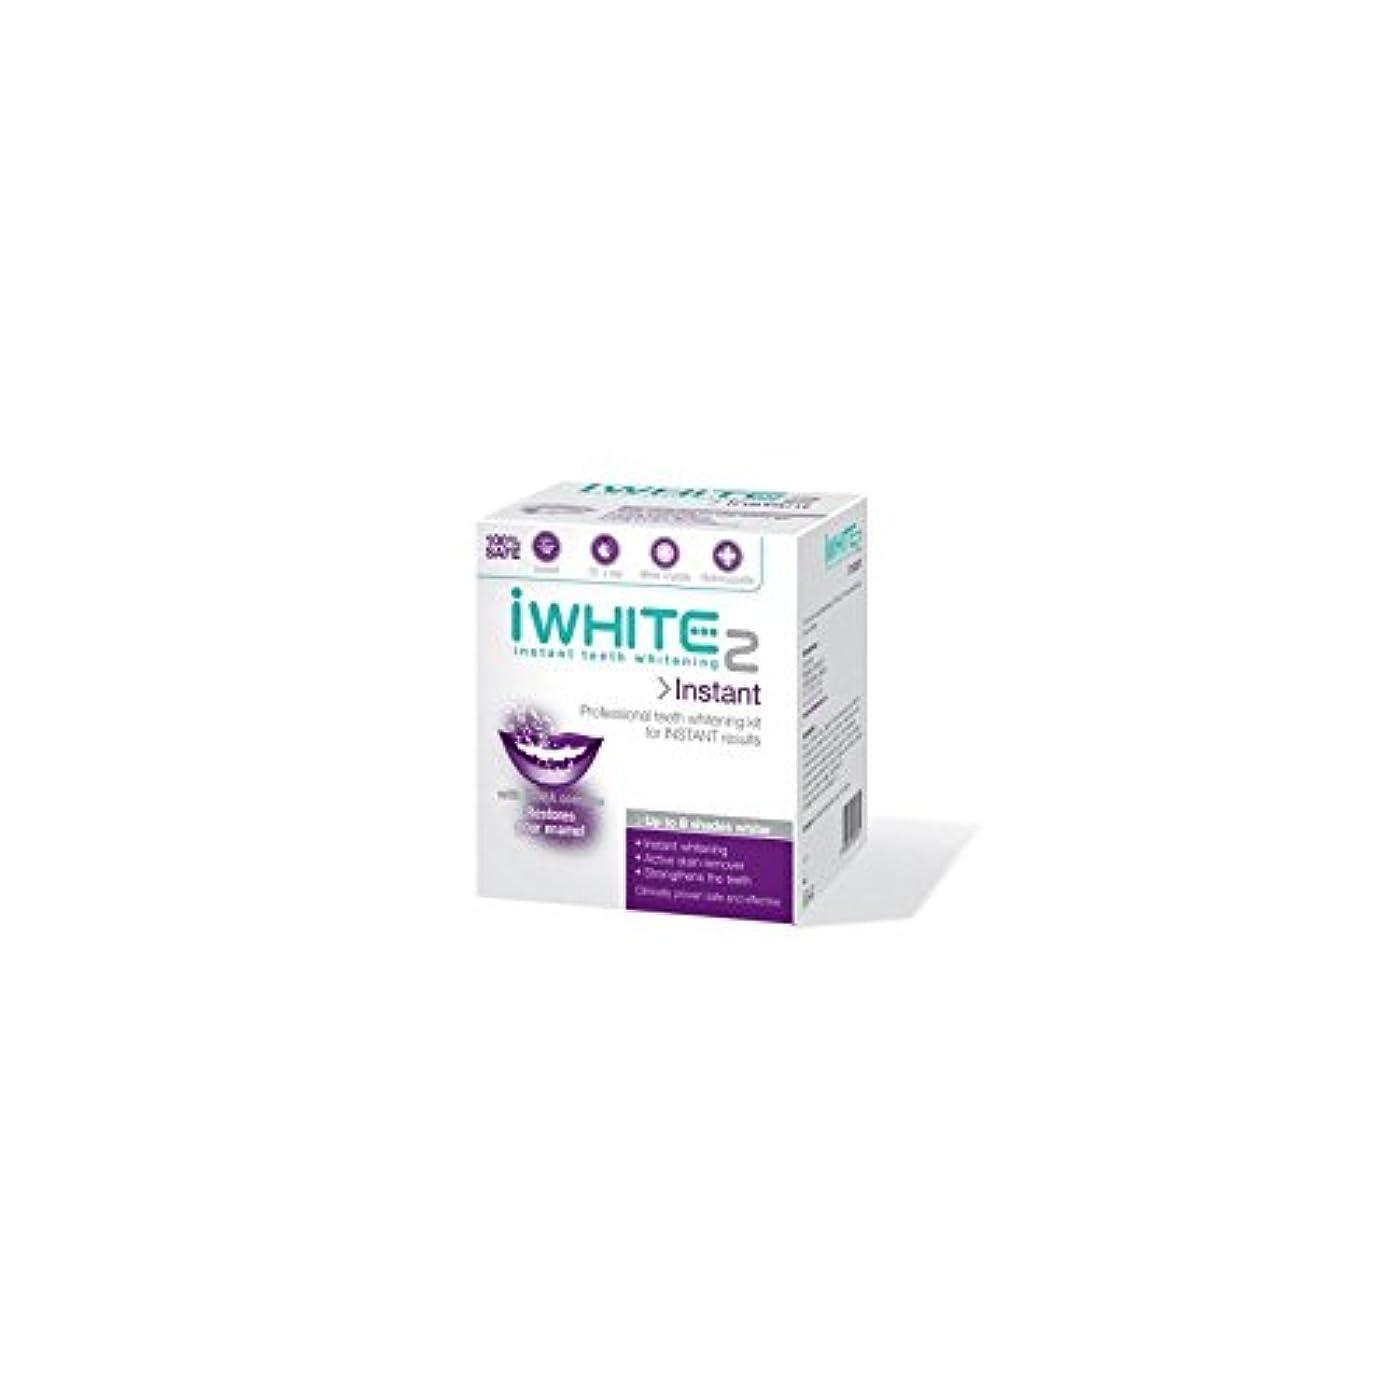 頭蓋骨おとこ準備インスタントキットを白く2本のプロ歯(10トレイ) x4 - iWhite Instant 2 Professional Teeth Whitening Kit (10 Trays) (Pack of 4) [並行輸入品]